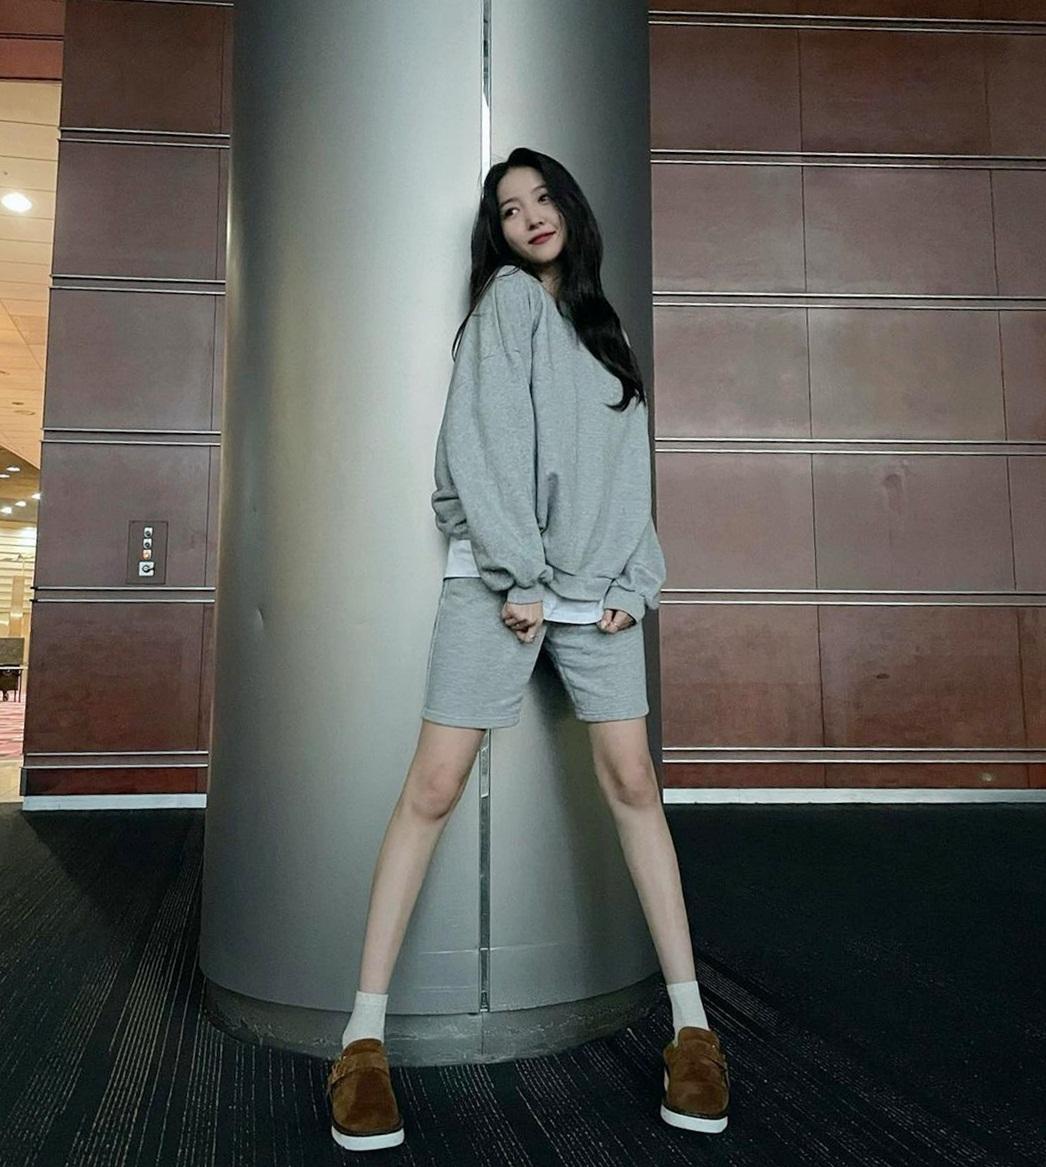 So Won có cặp chân thon nhỏ như người mẫu nhưng hơi thiếu sức sống.